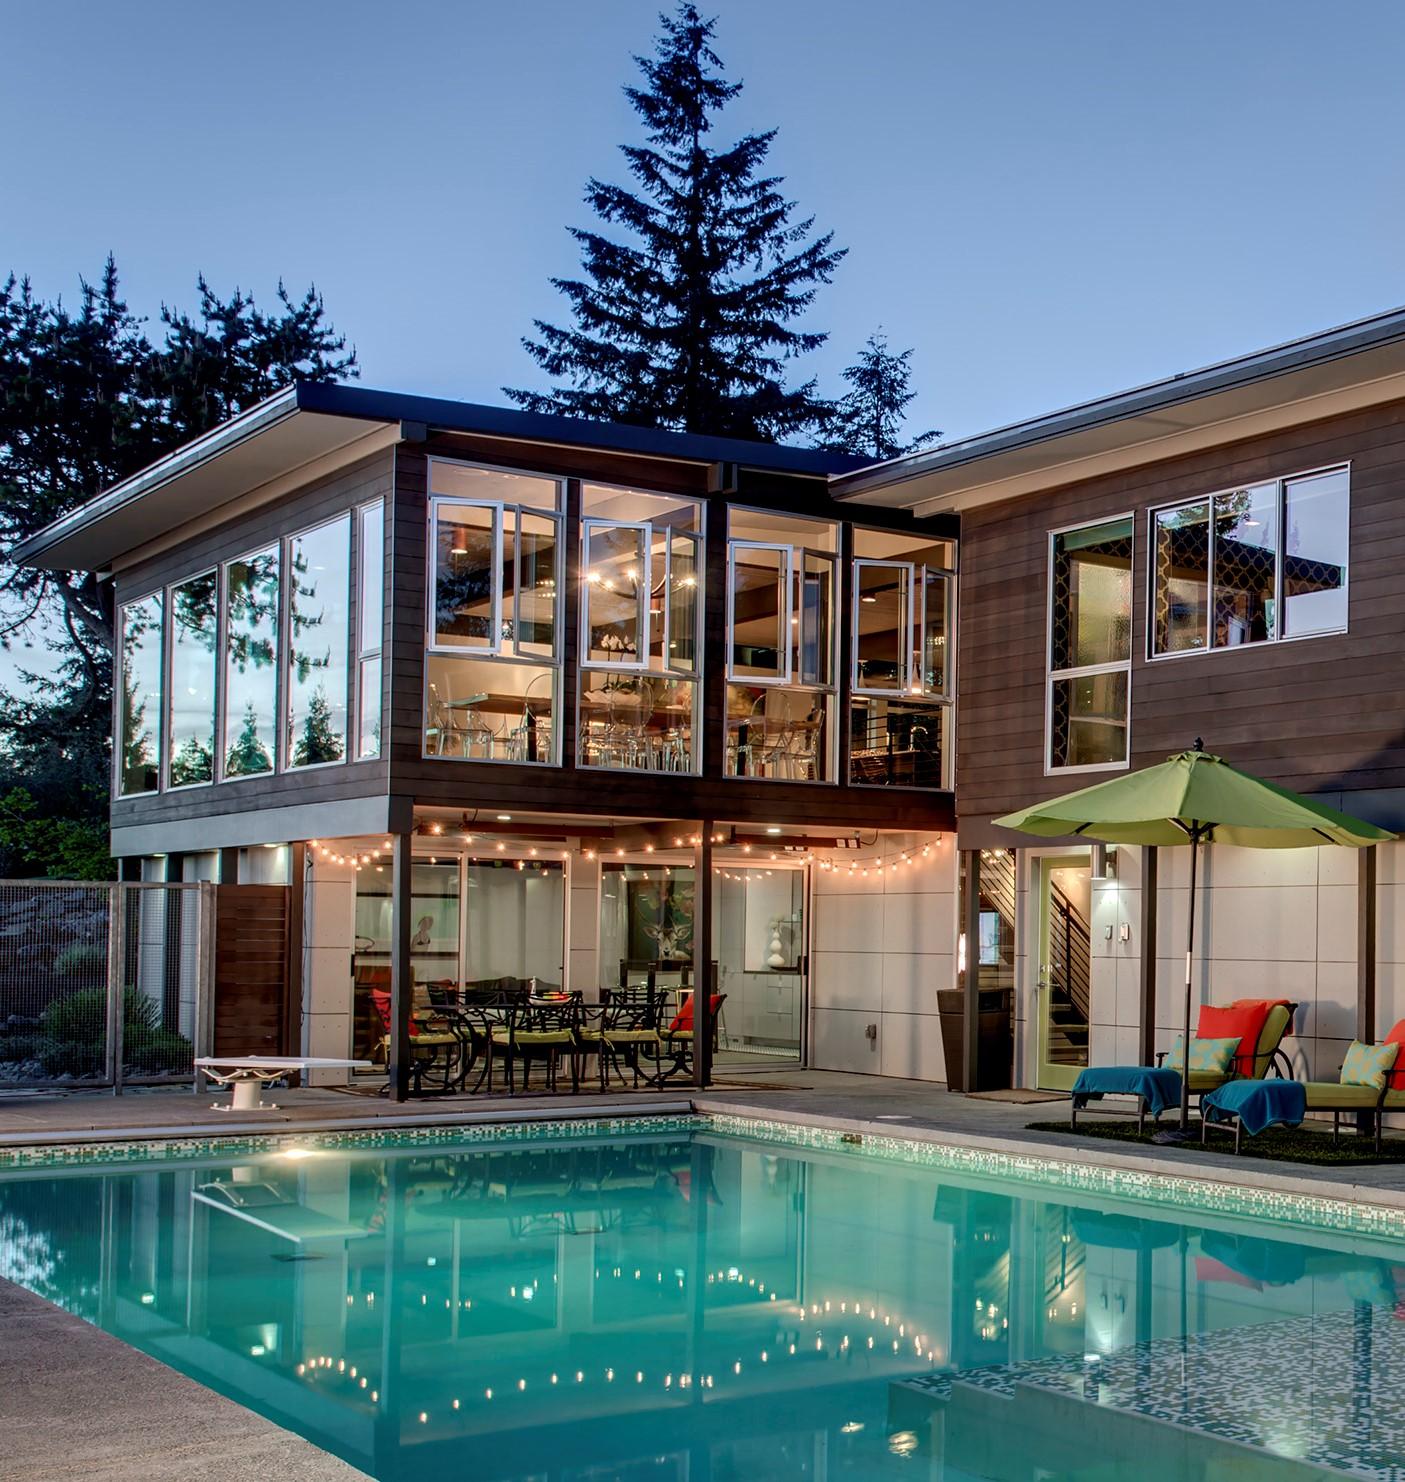 独户住宅 为 销售 在 Contemporary Hilltop Estate 5330 146th Ave SE 贝尔维尤, 华盛顿州 98006 美国